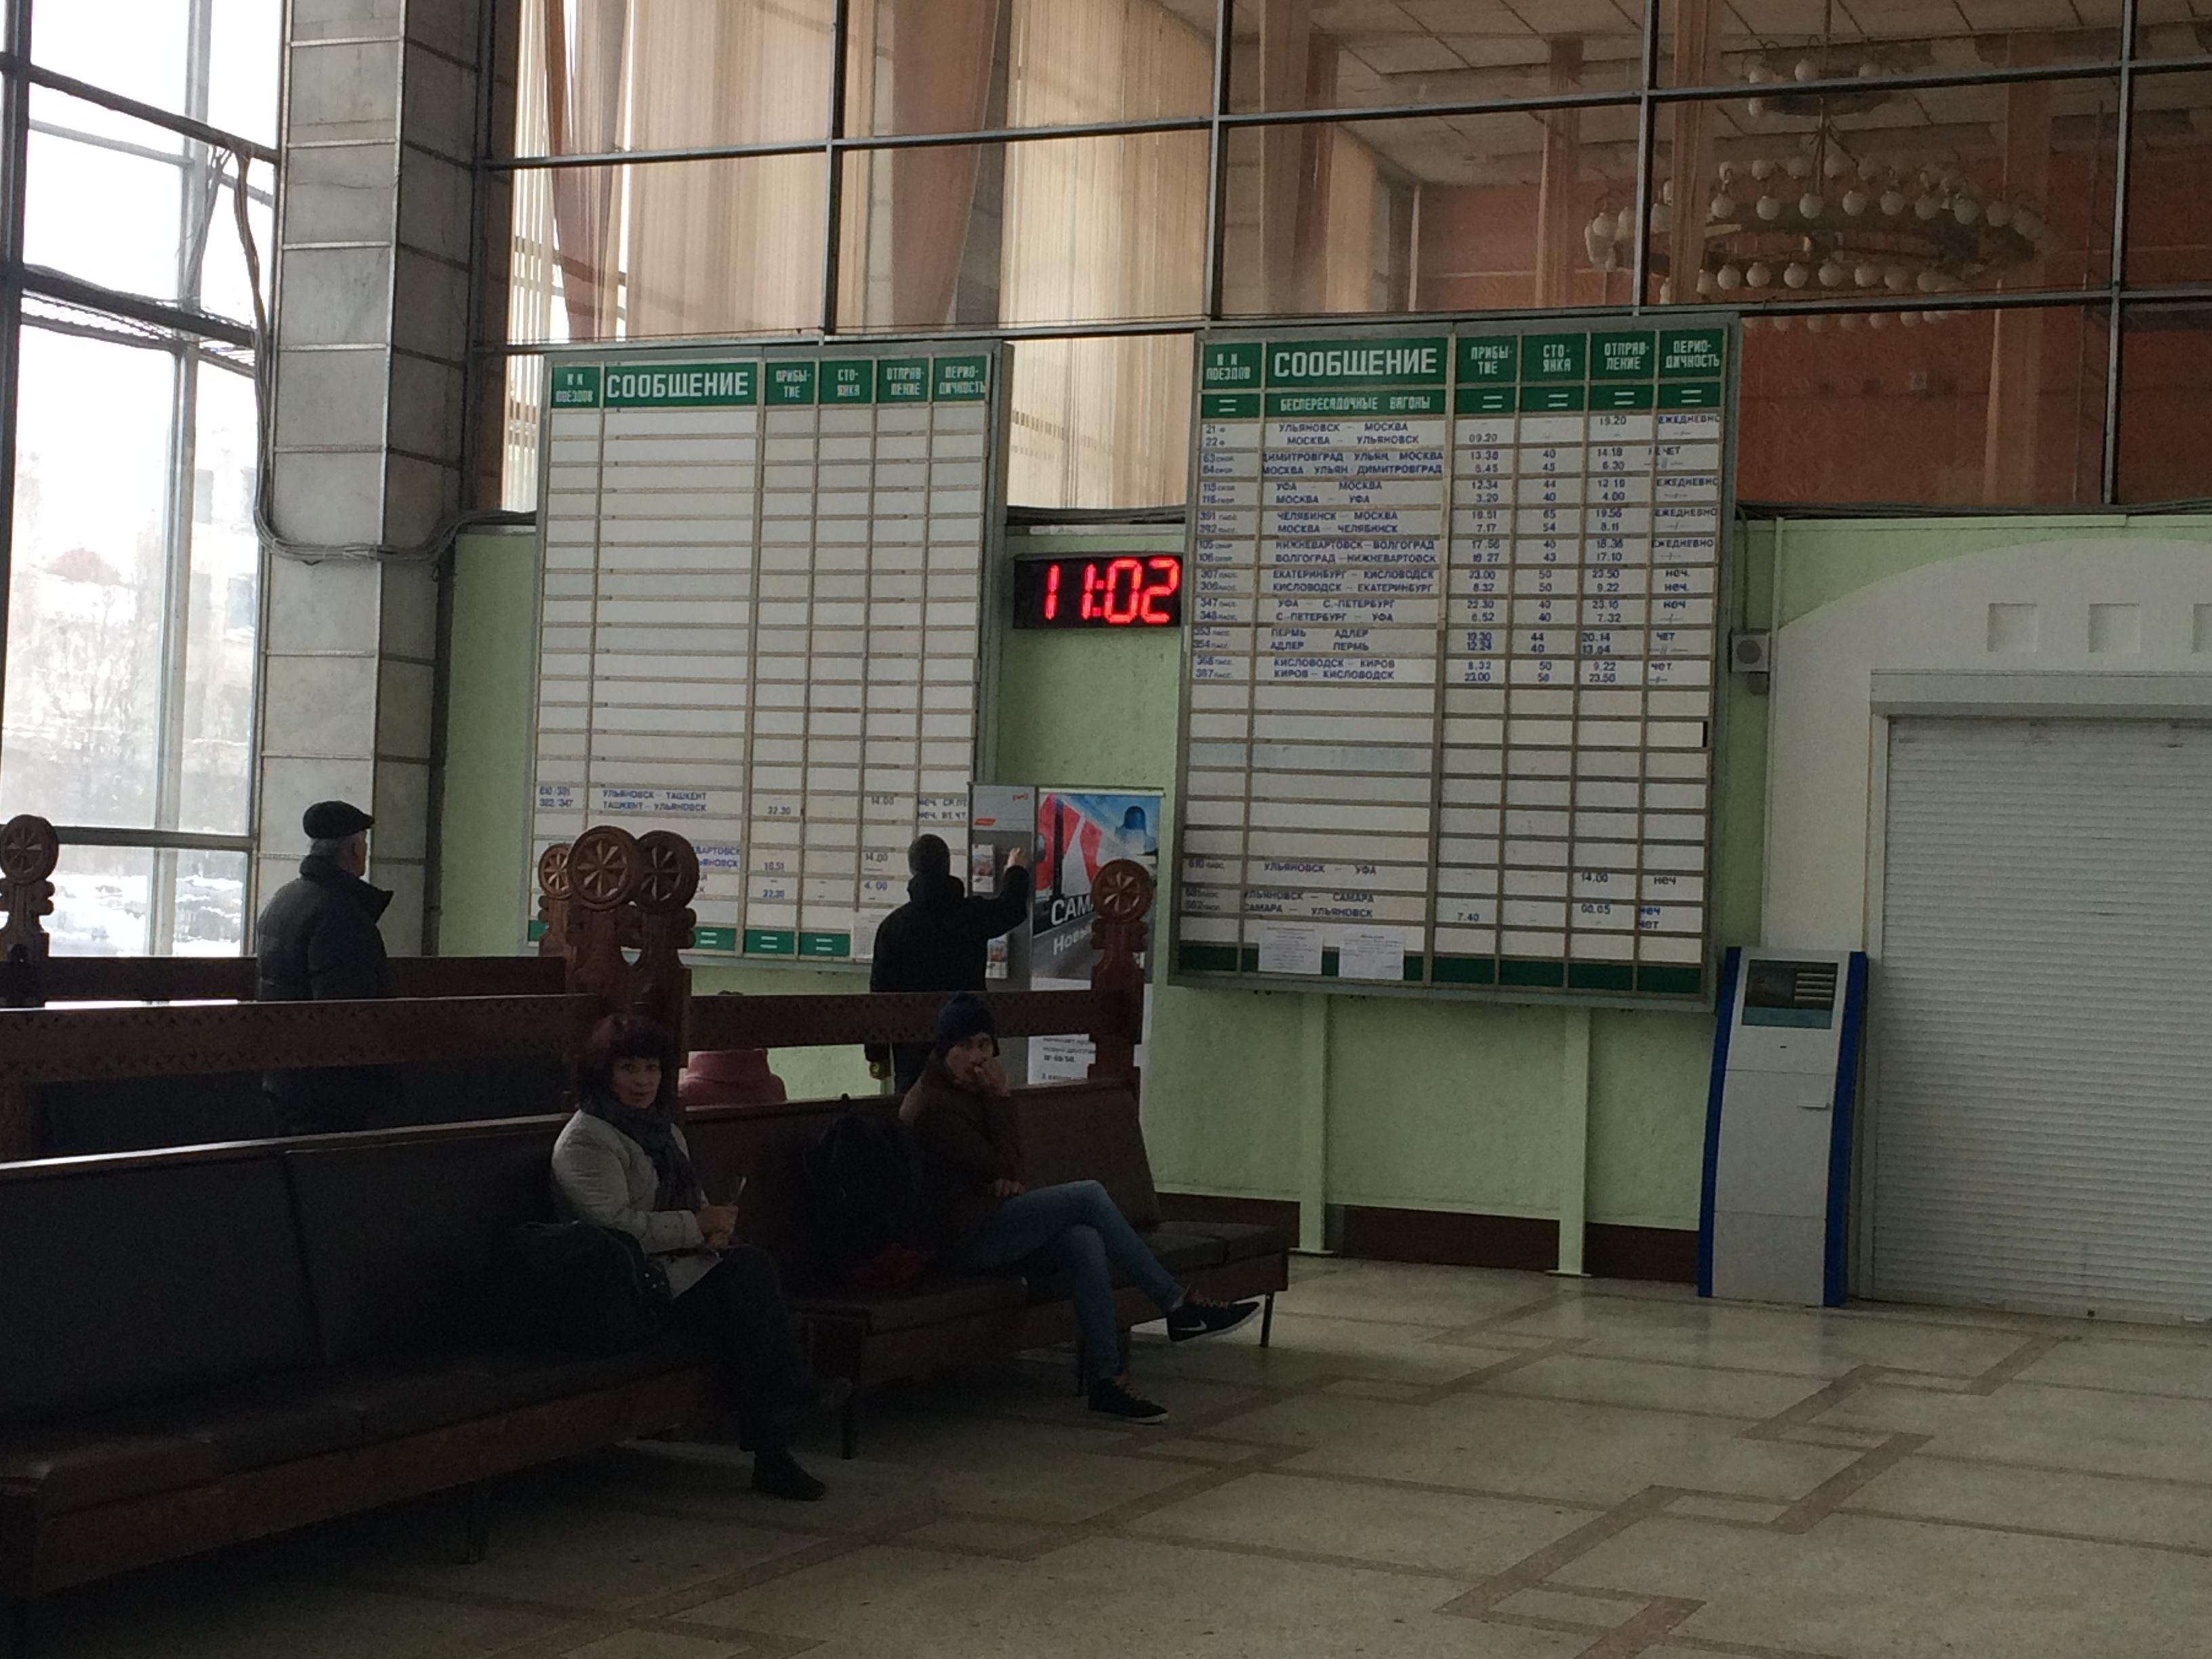 Внесены изменения врасписание пригородных поездов впериод февральских праздников